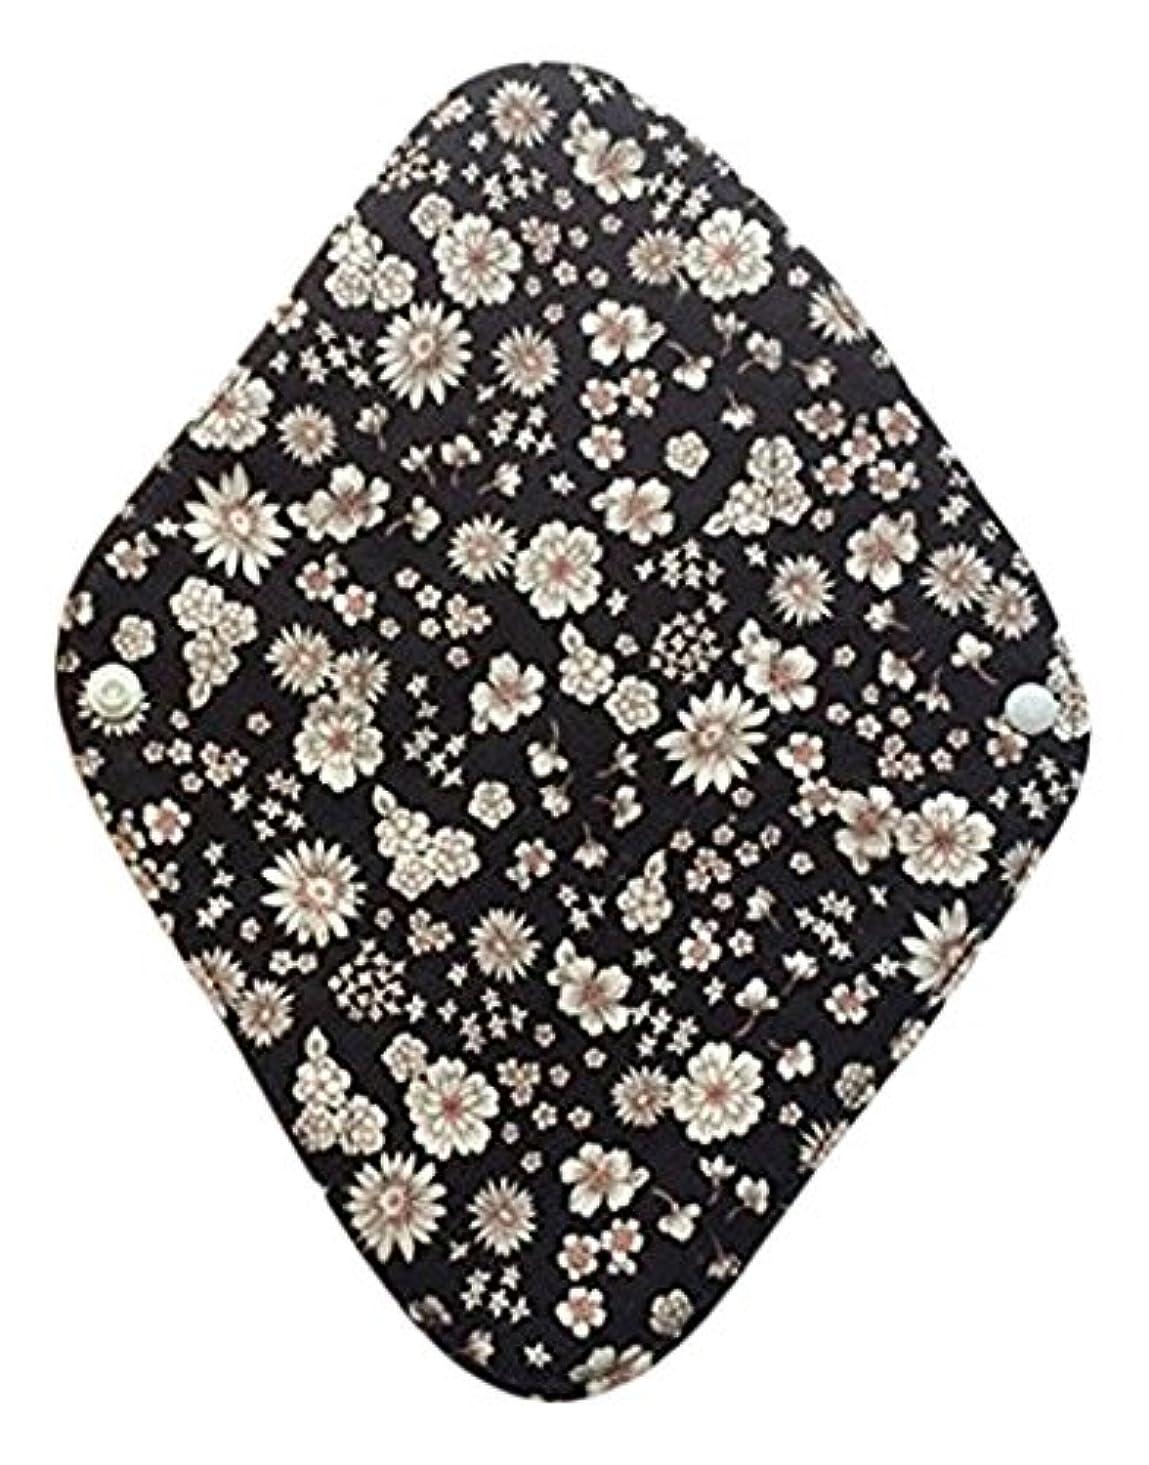 欠員支援する接辞華布のオーガニックコットンの布ナプキンホルダー (約17×約23×約0.3cm) ボタニカルブラック